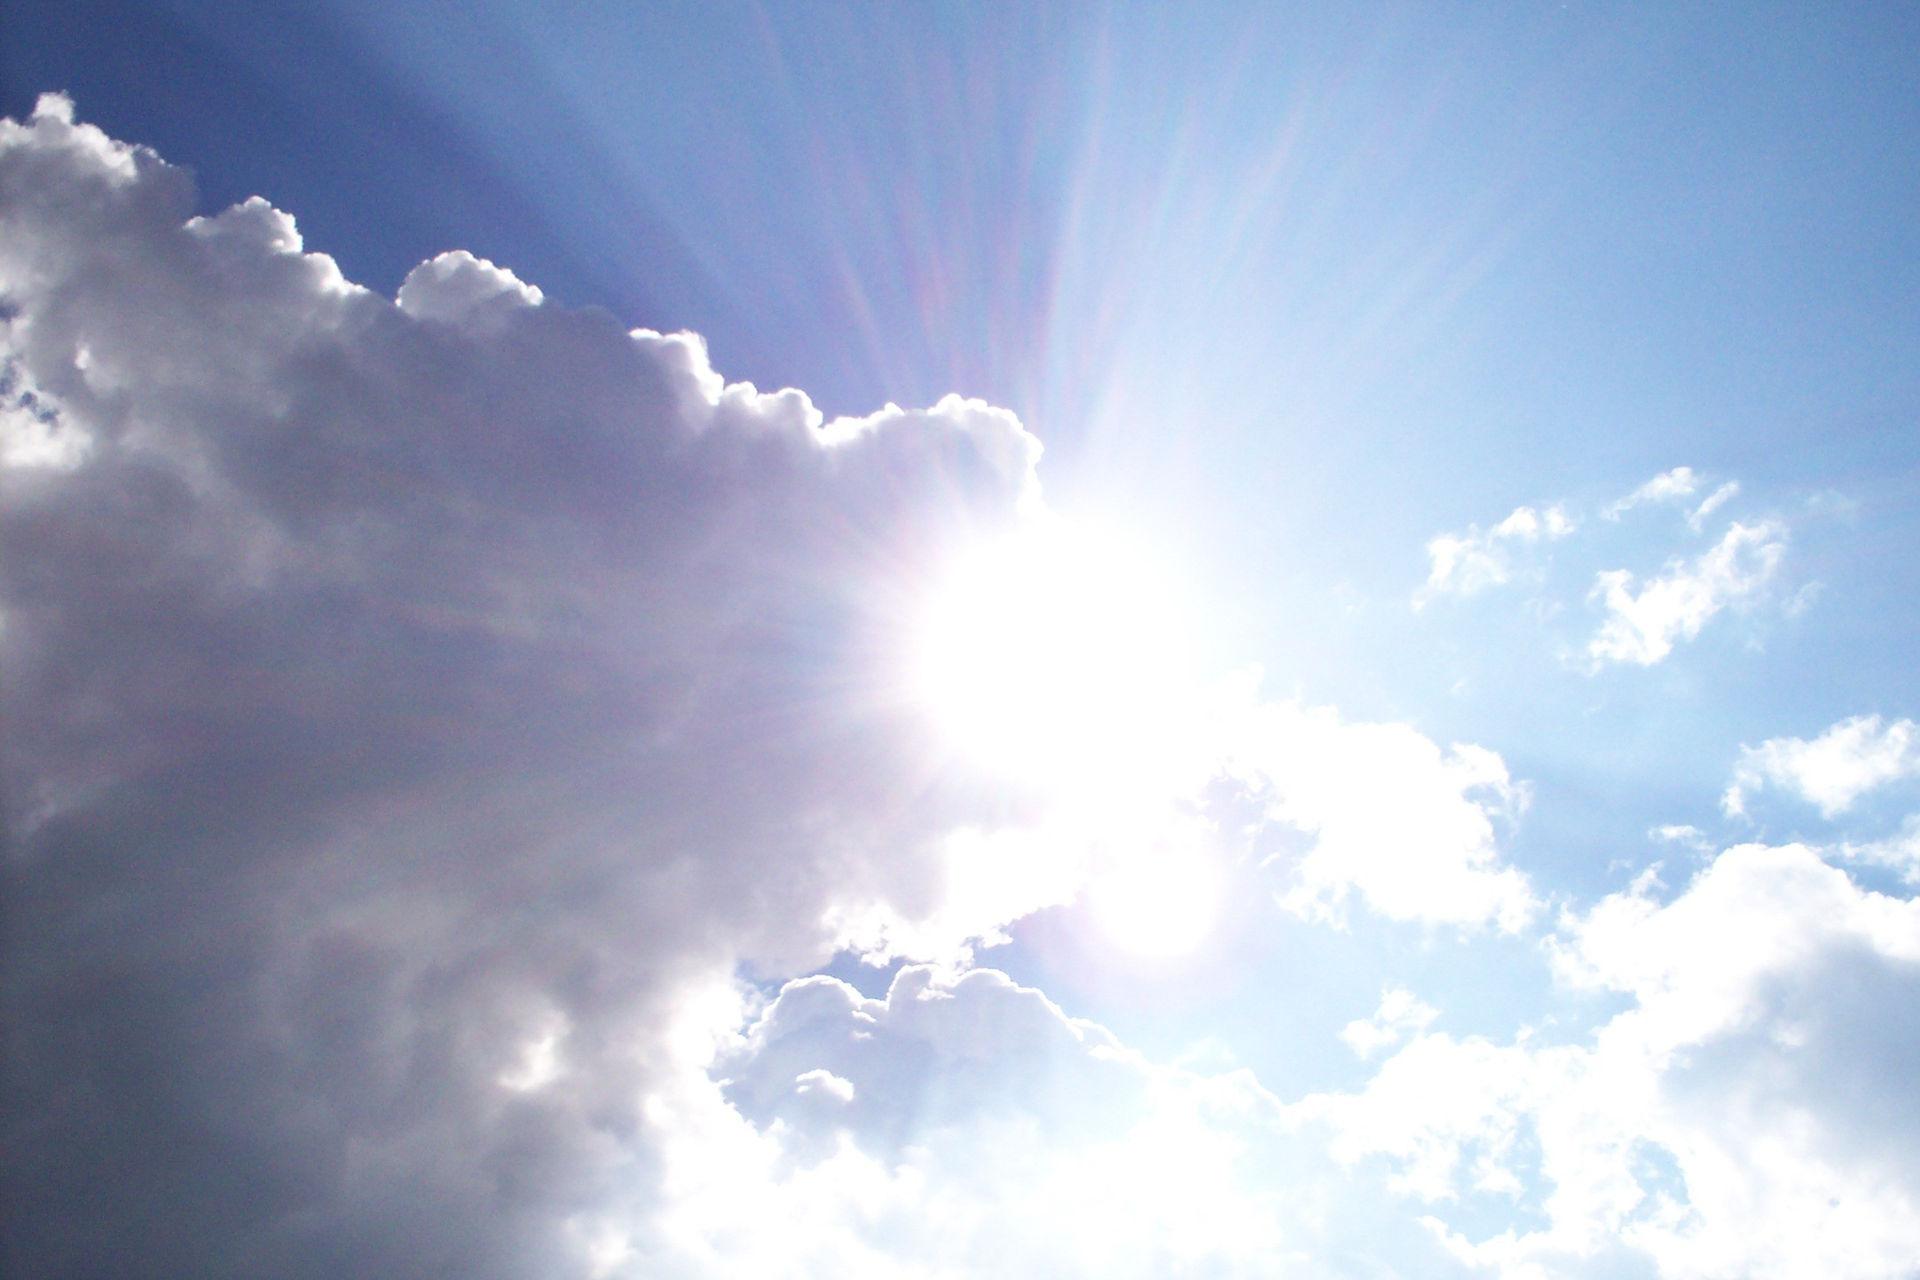 Sunshine. Photo credit: Izelle Bakker on Free Images.